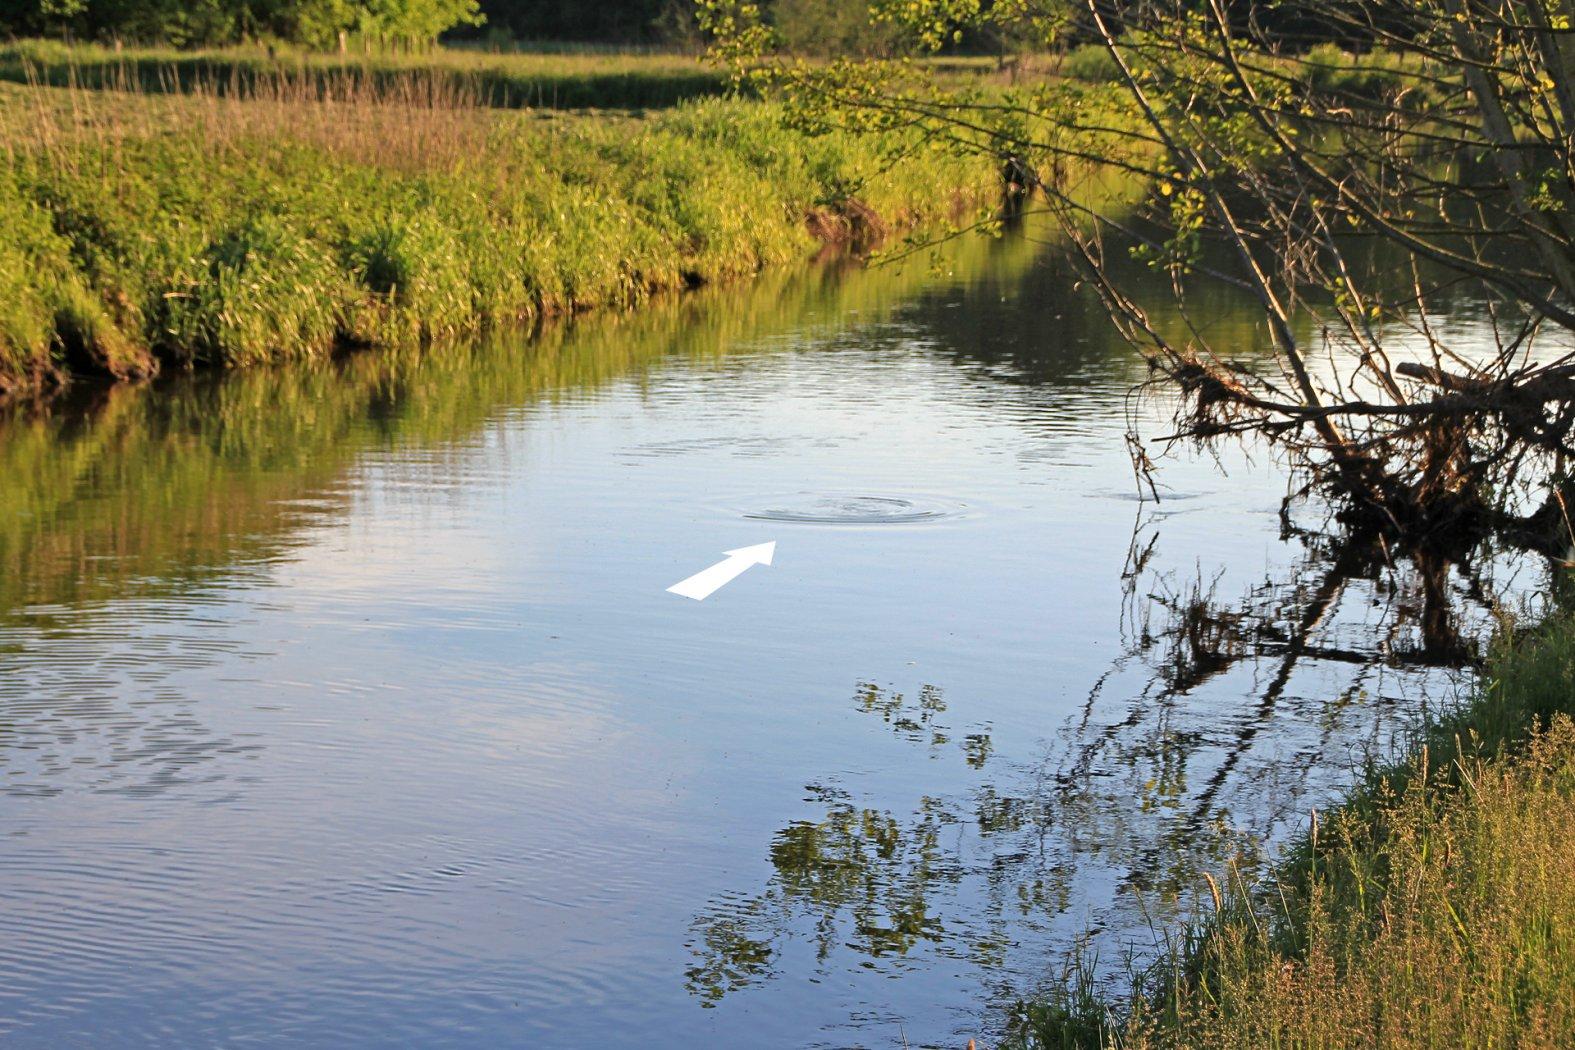 Steigende Fische im Fluss